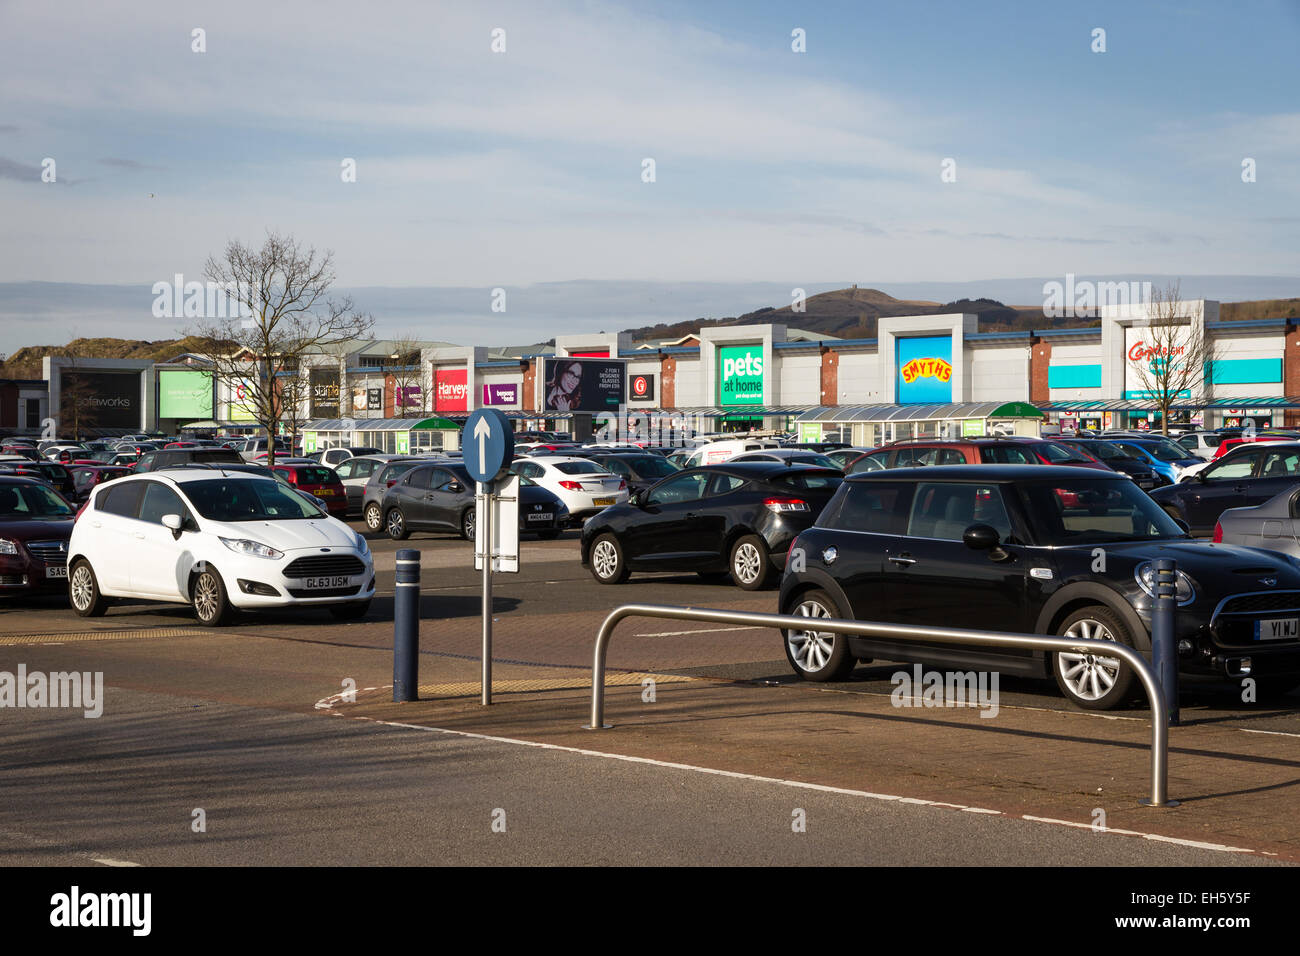 Occupato di un parcheggio a Middlebrook Retail Park, Horwich, Bolton Immagini Stock